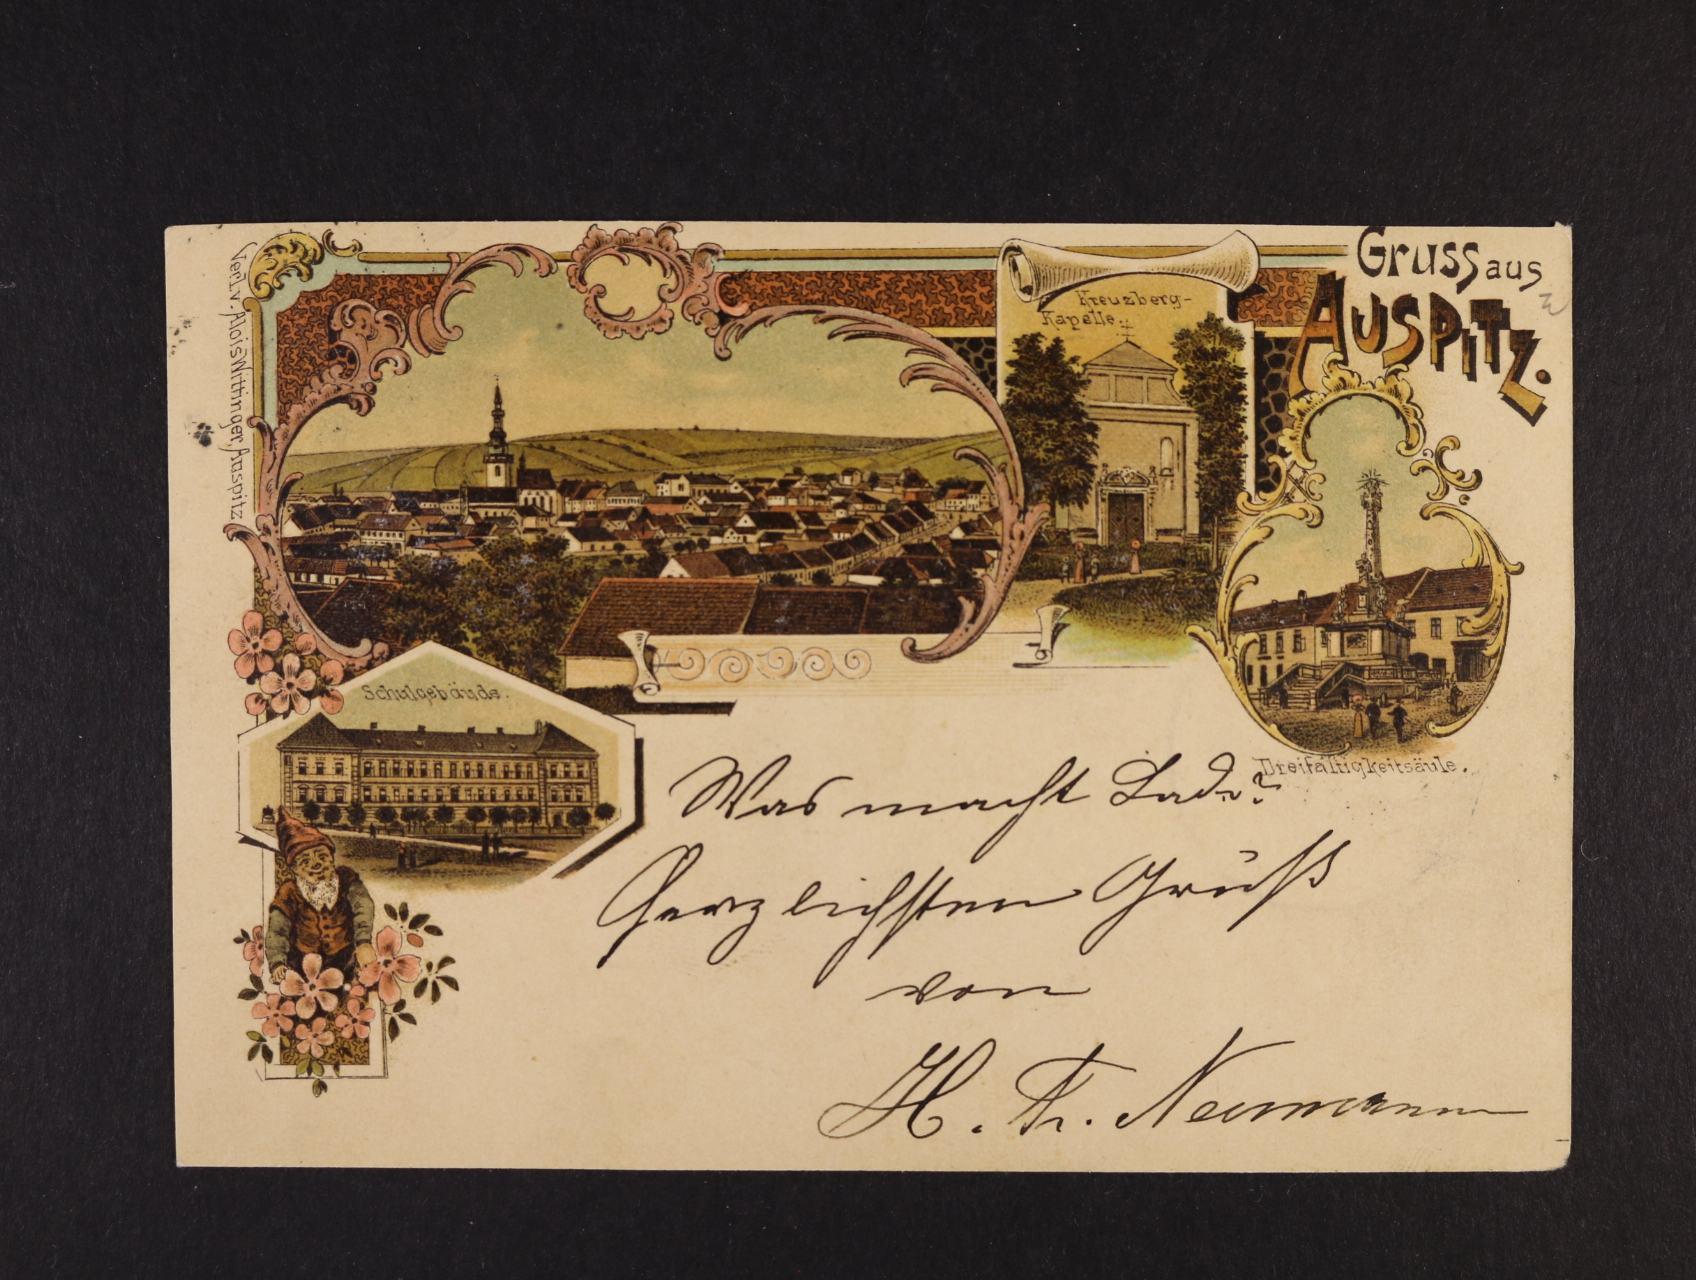 Hustopeče - Auspitz - bar. litograf. koláž, dl. adresa, použitá 1898, odlepená zn., dobrá kvalita